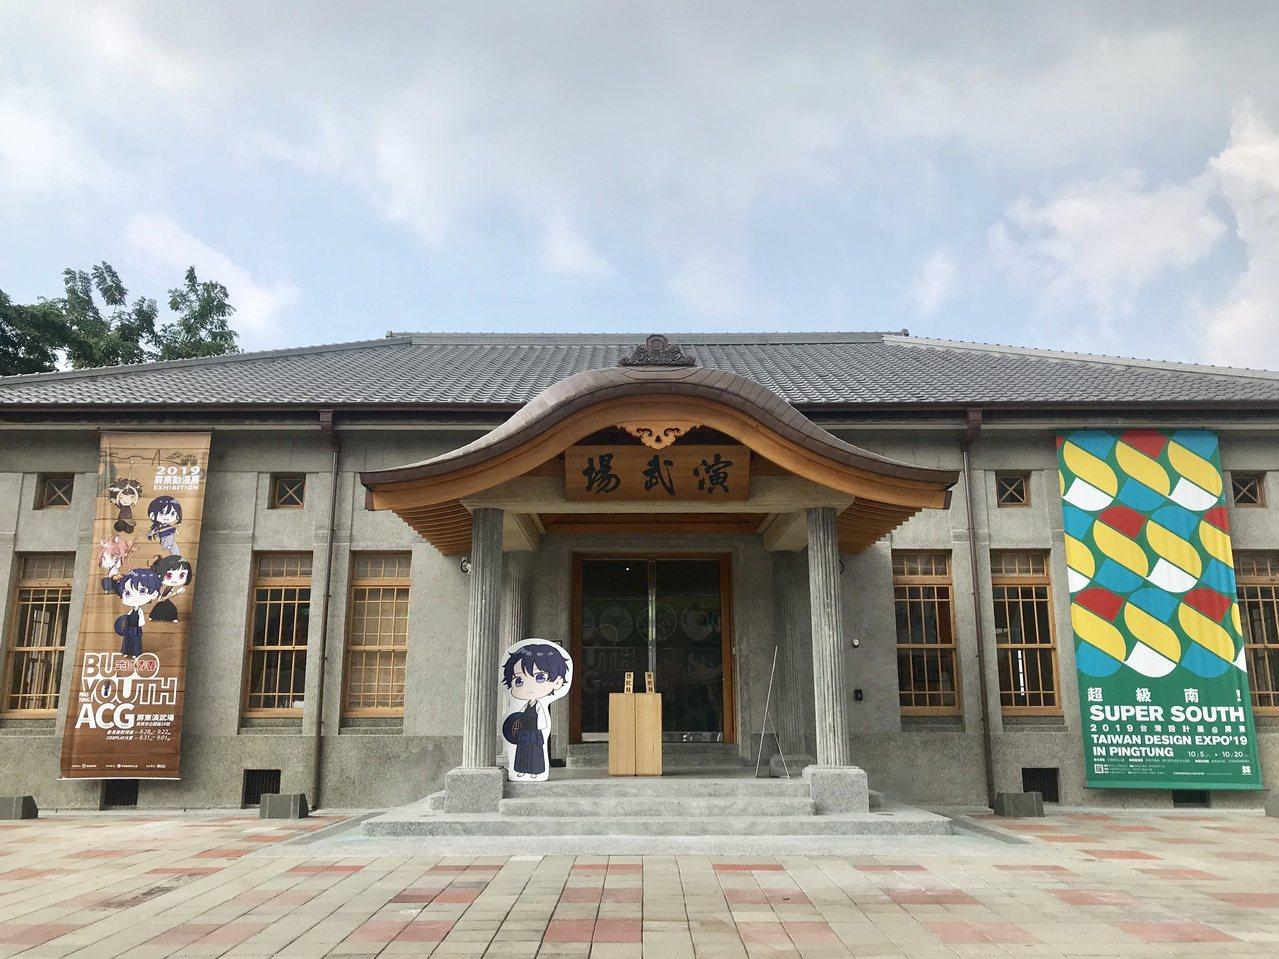 屏東武德殿整修完成後,日式「唐破風」屋頂重現,氣勢十足。記者江國豪/攝影